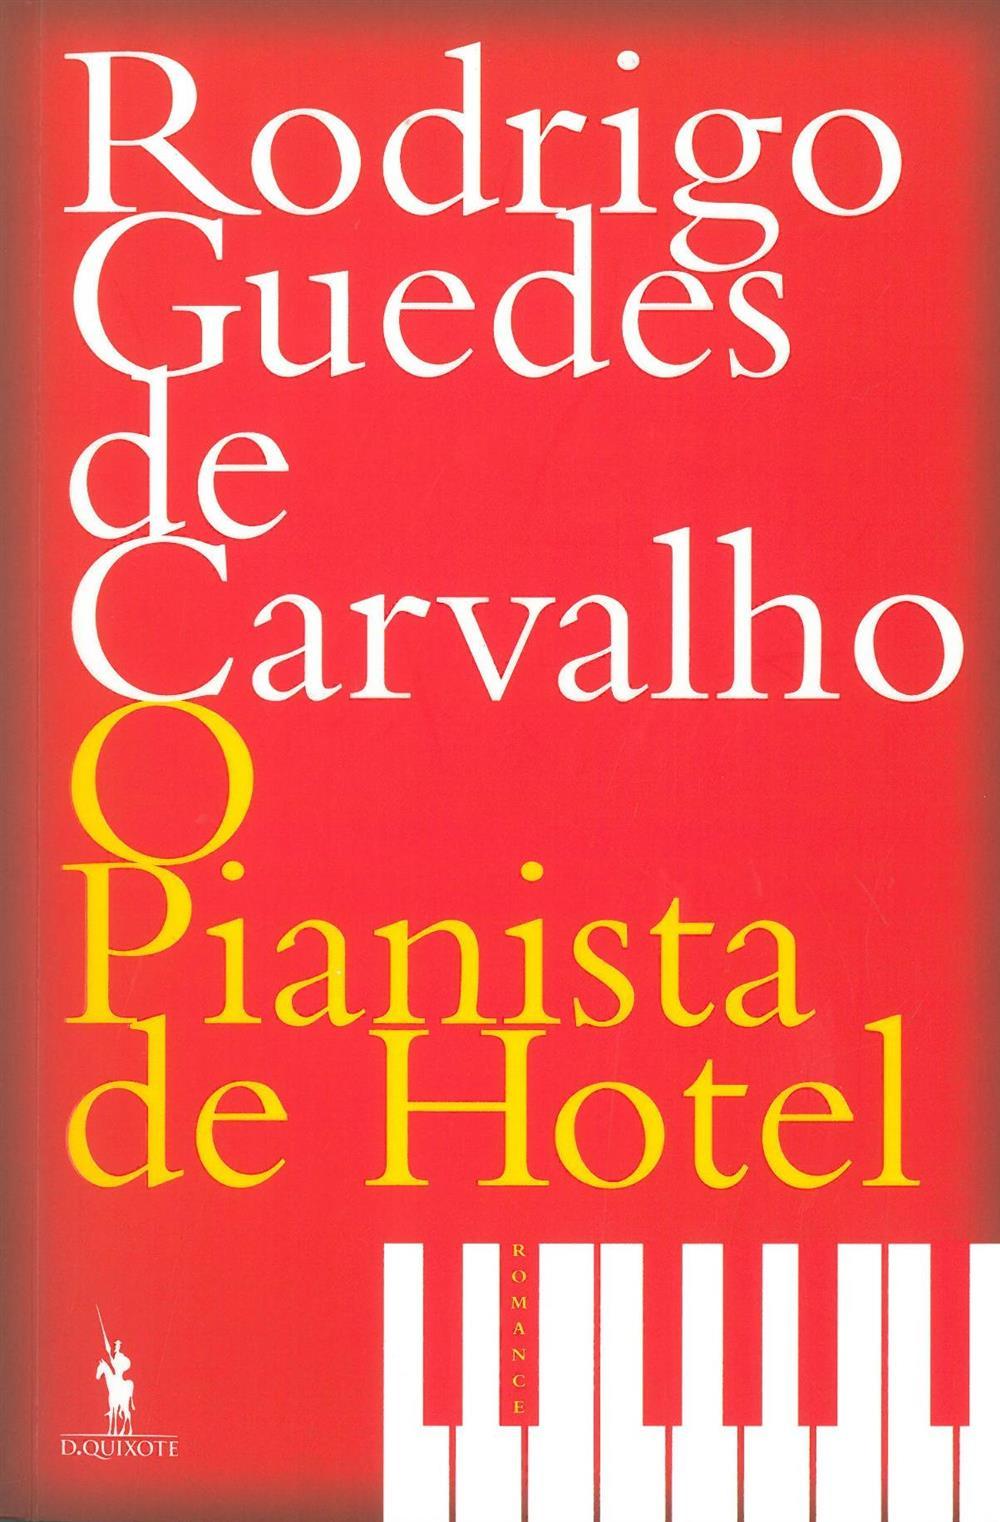 O pianista de hotel_.jpg